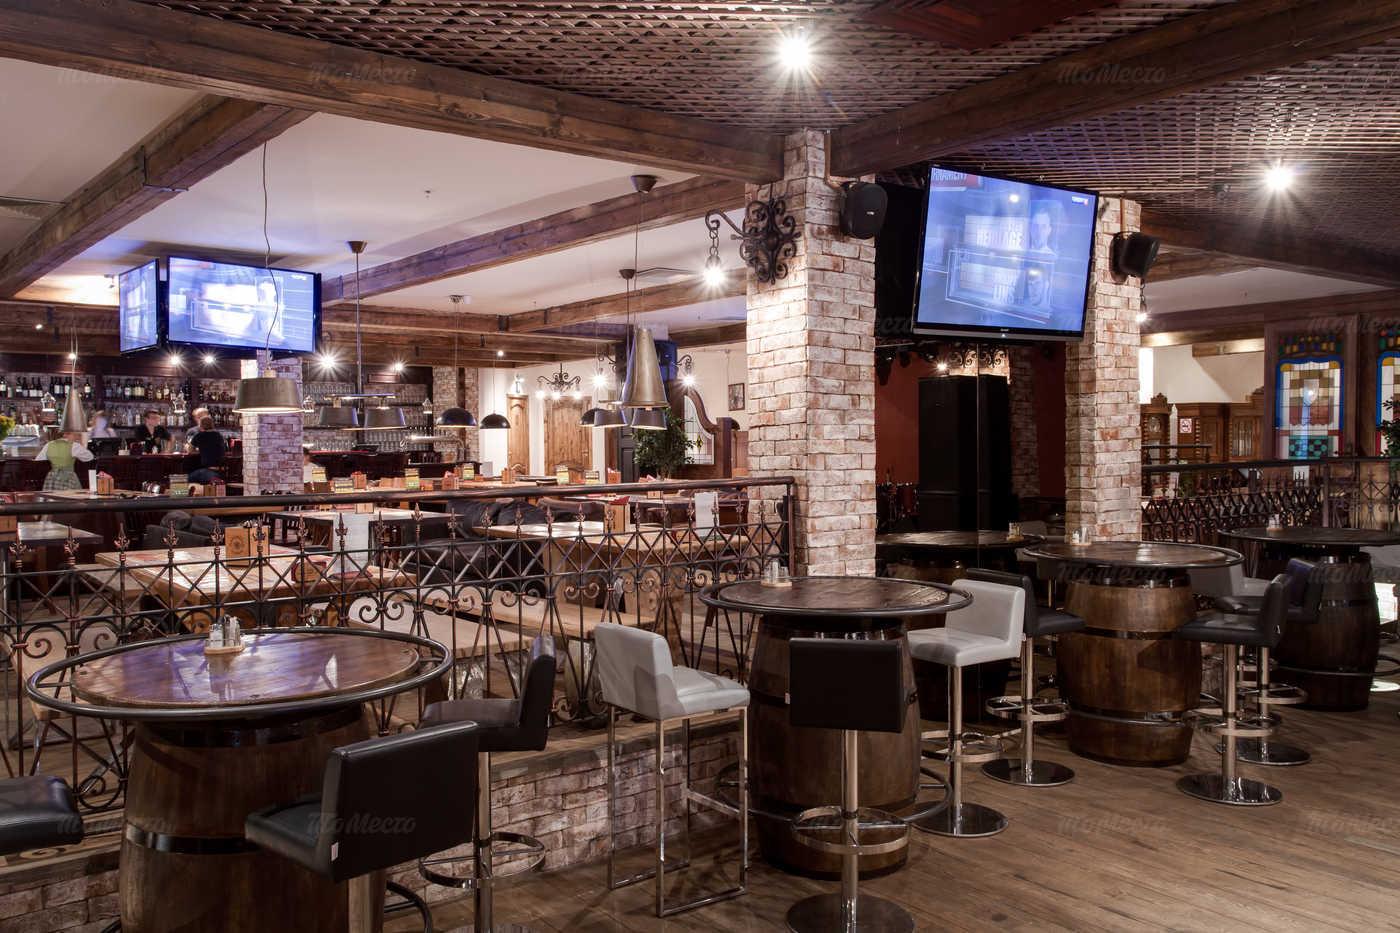 Меню ночного клуба, пивного ресторана Максимилиан (Maximilian) на проспекте Энгельса